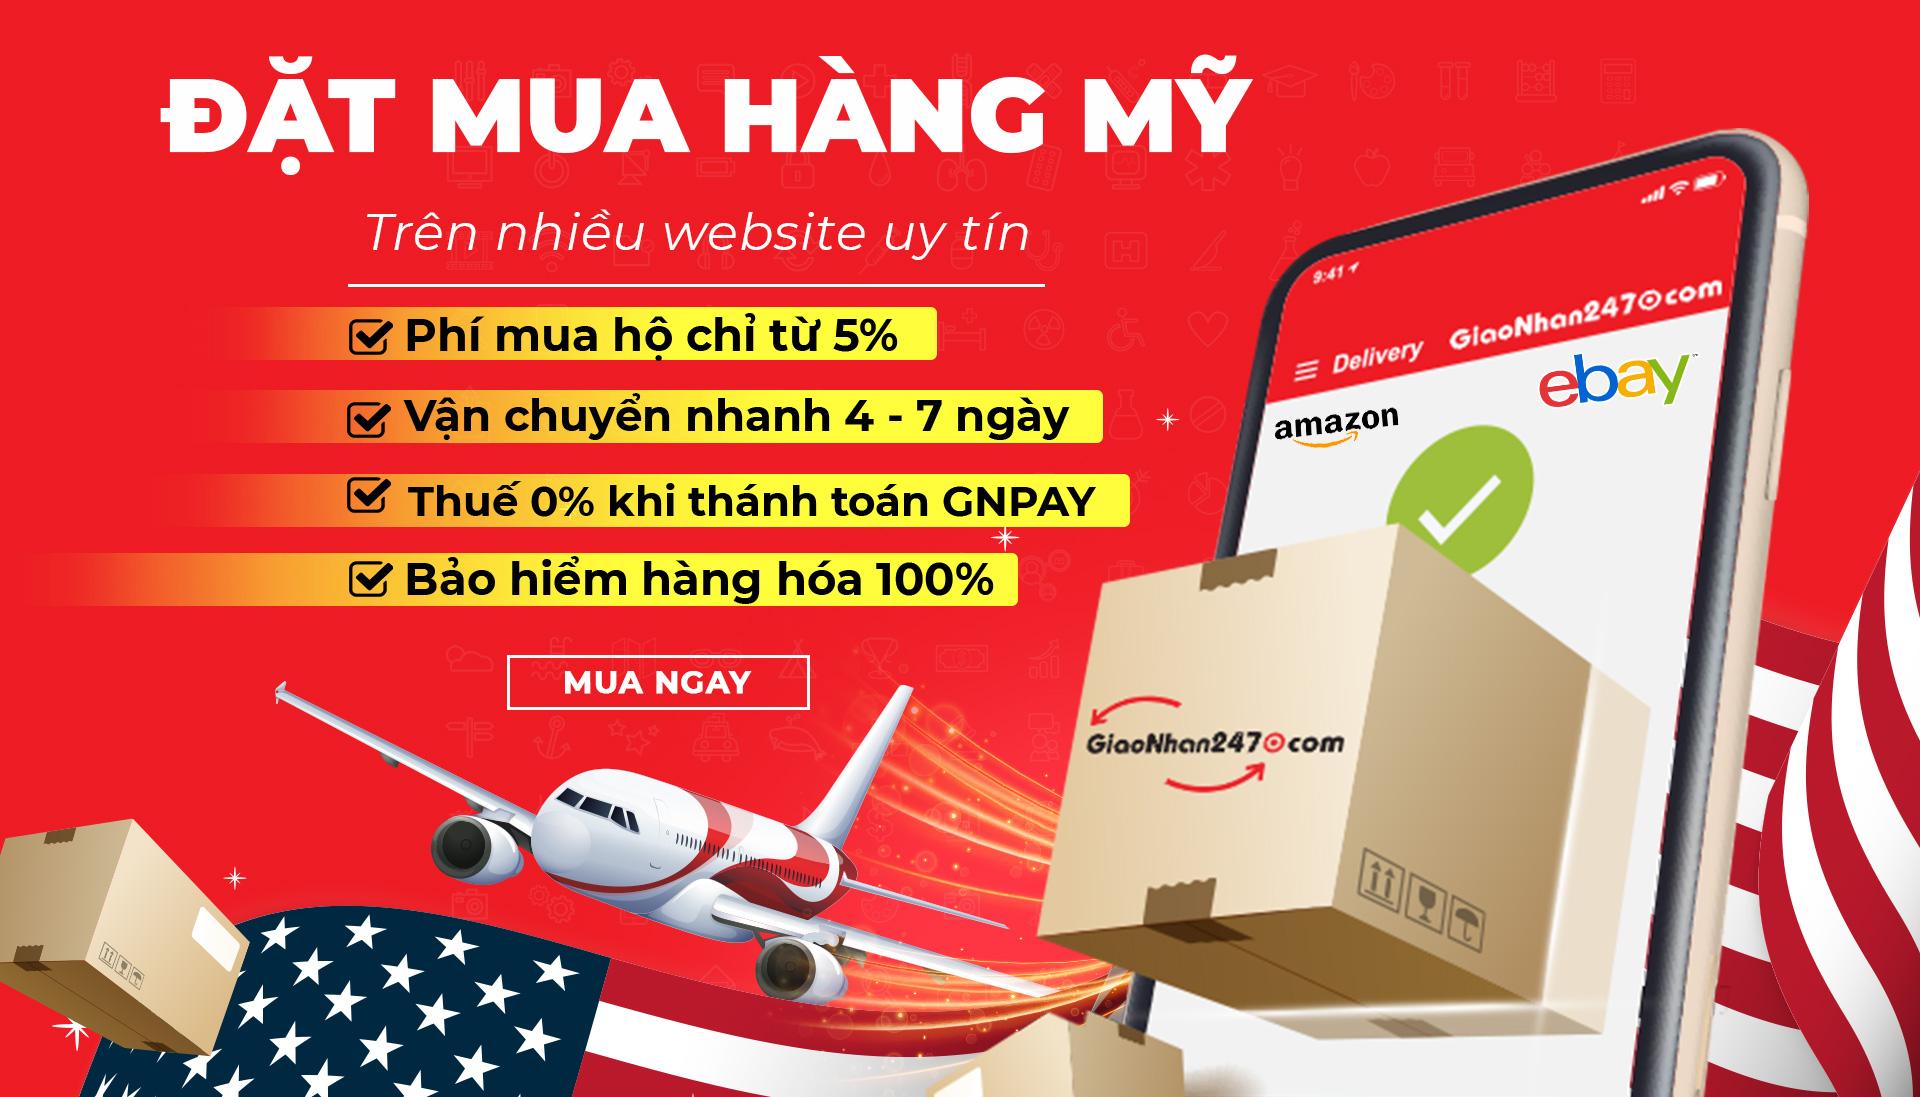 dat-mua-ho-hang-hoa-my-ve-vietnam